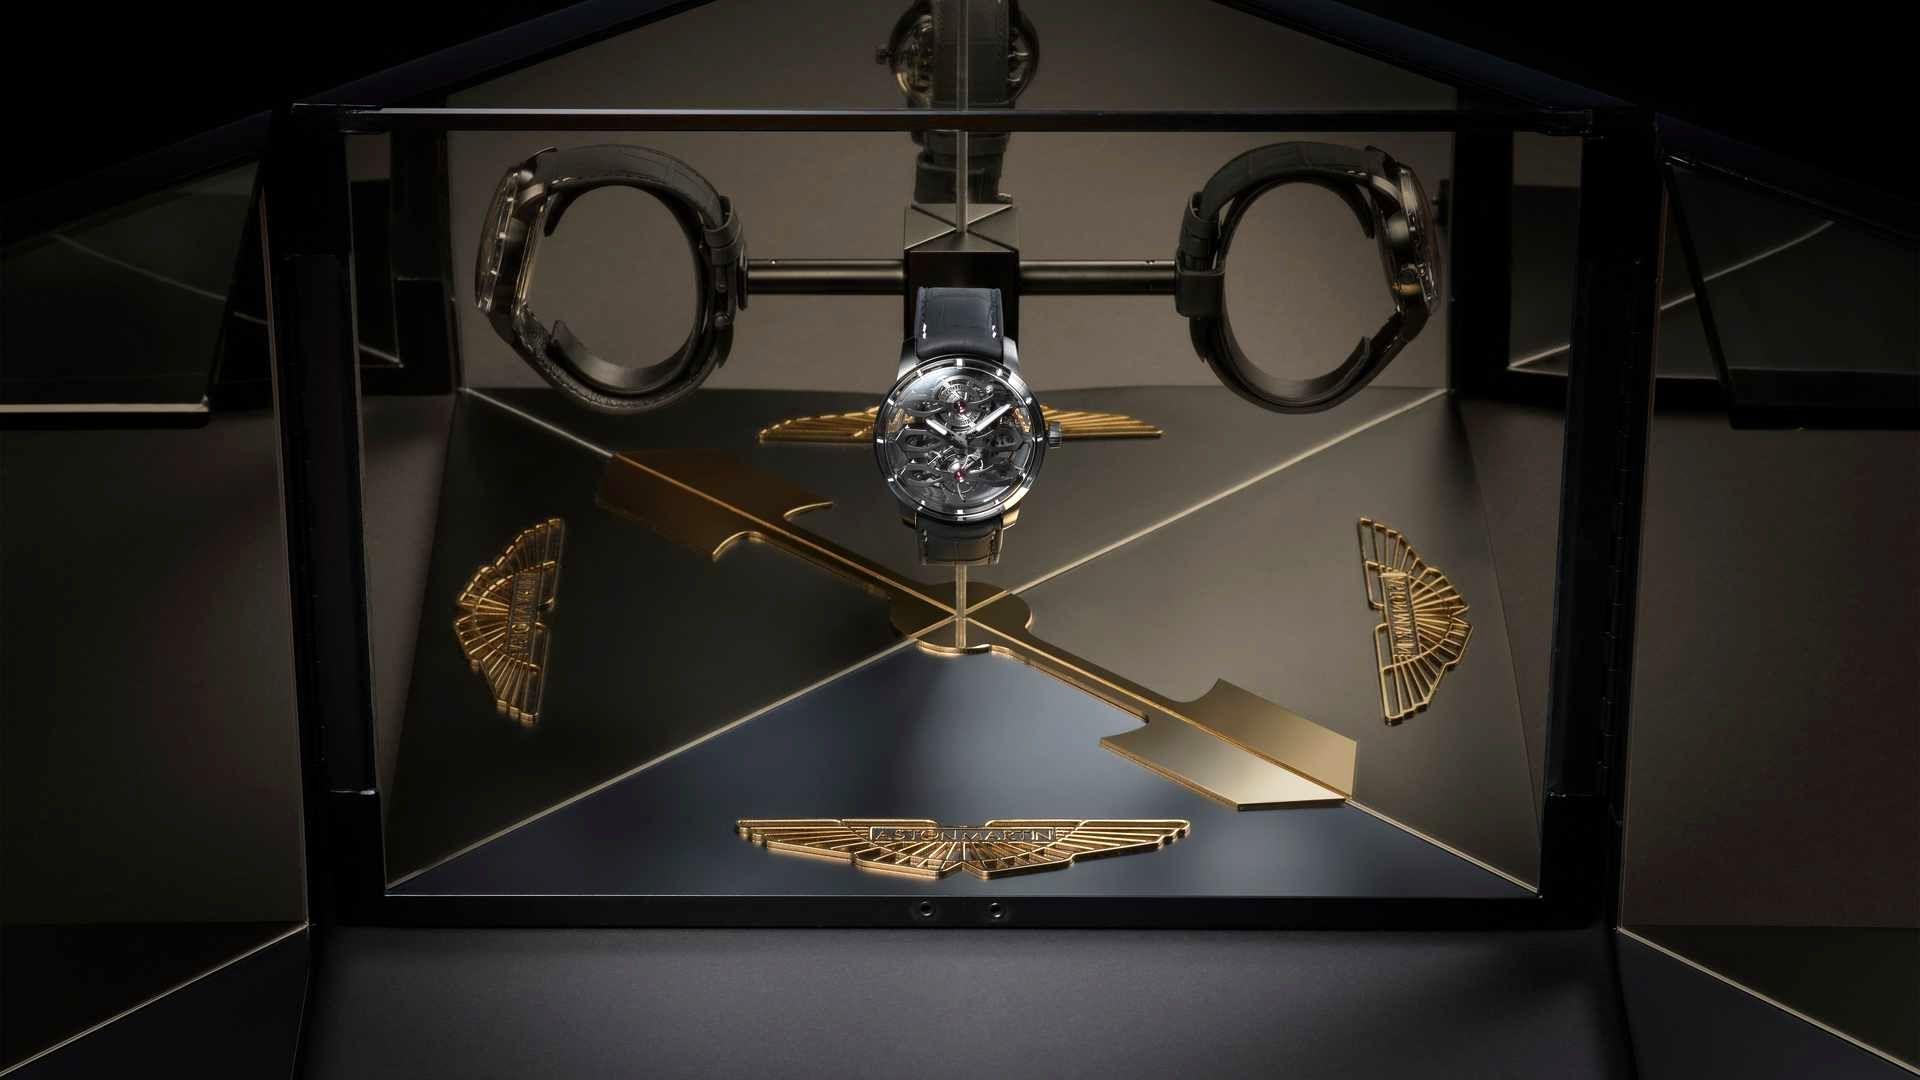 ساعت تولید محدود استون مارتین با قاب شفاف